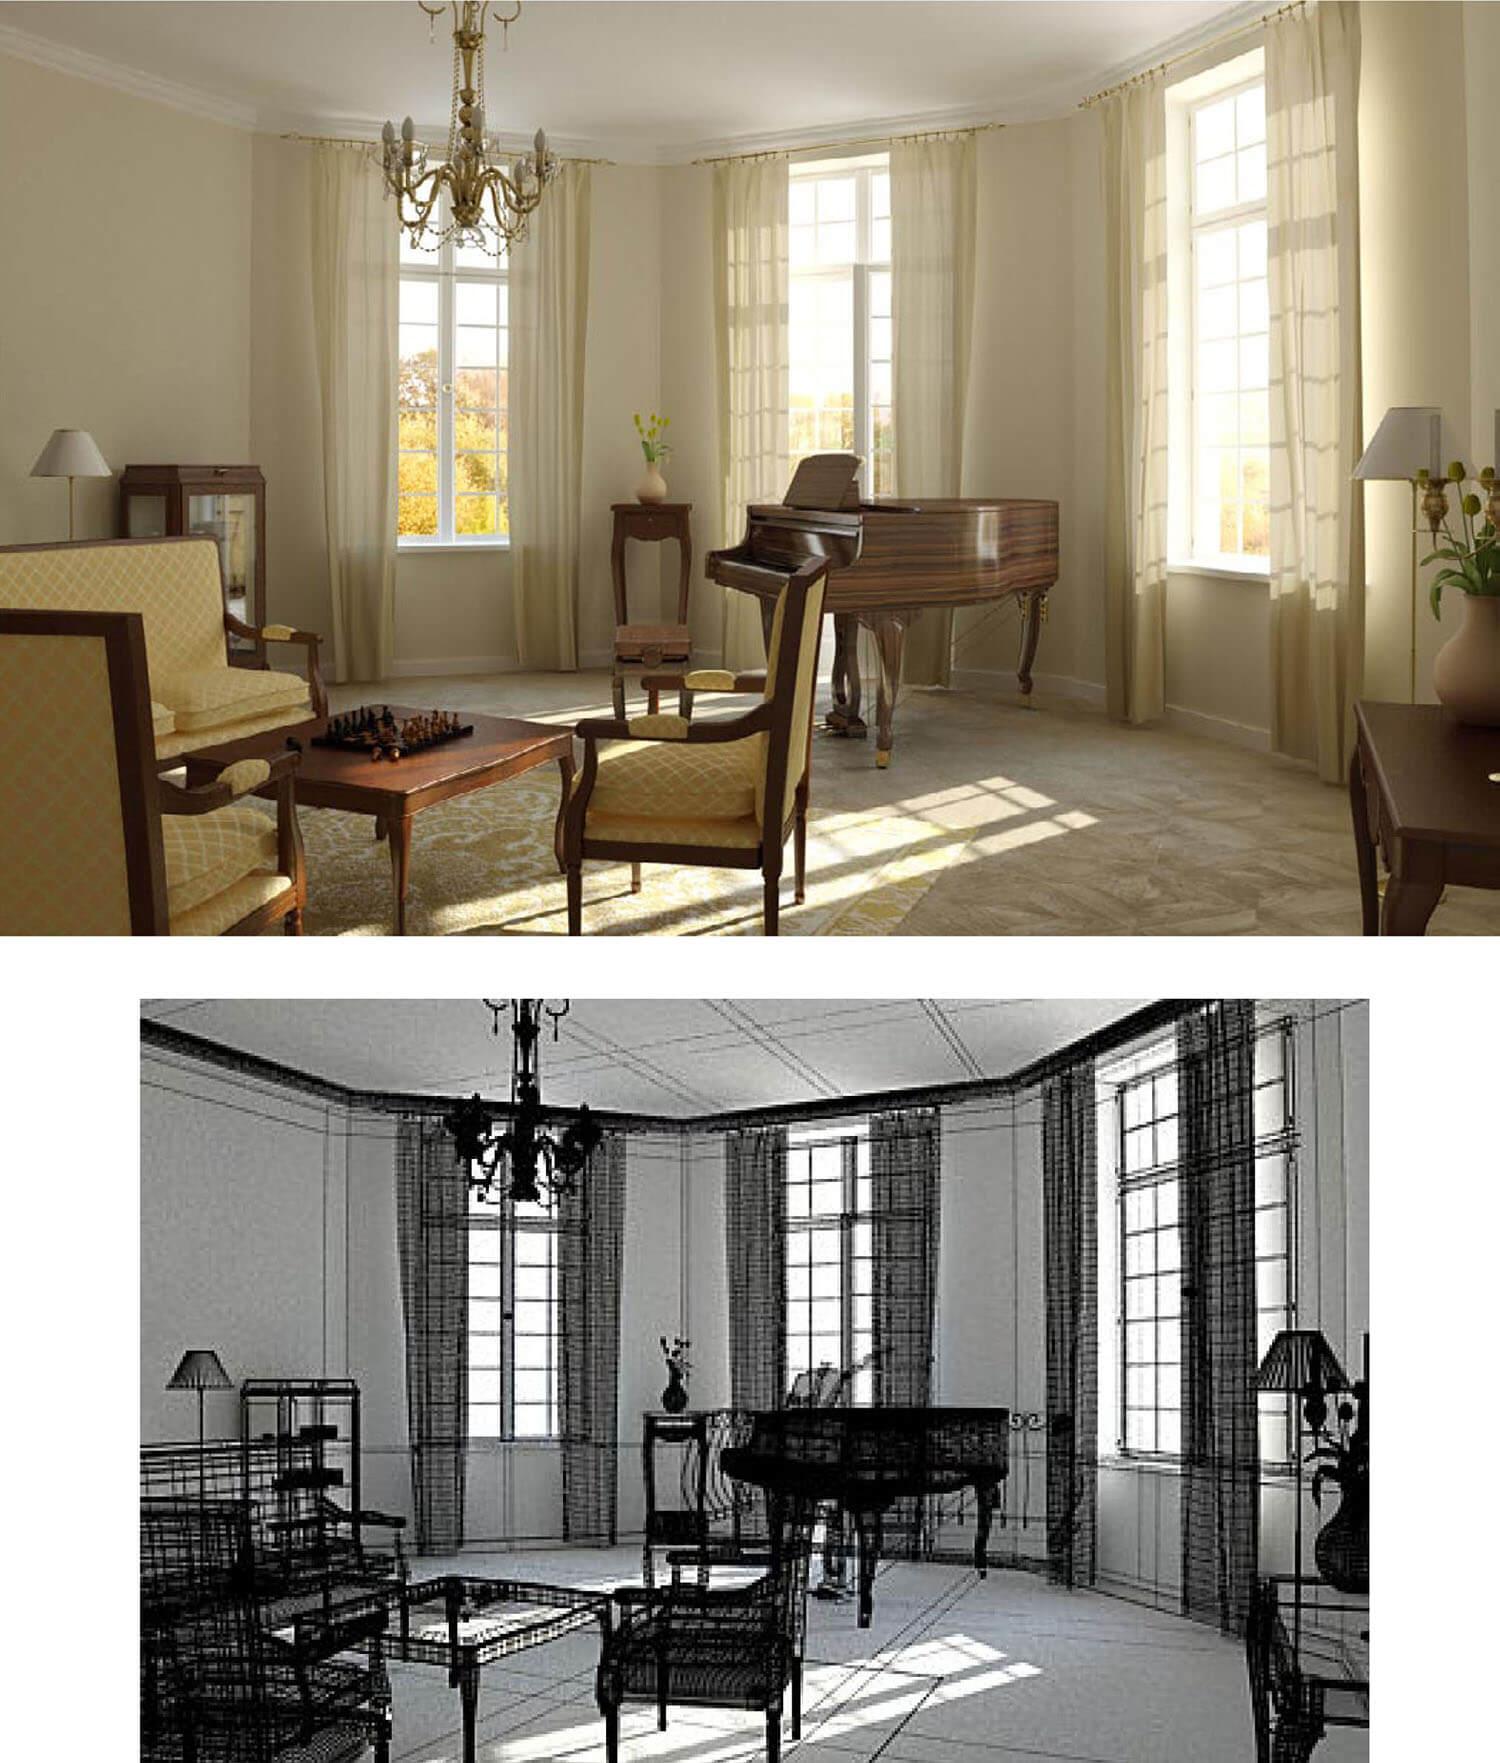 Thiết kế cổ điển được đưa vào phòng nghe nhạc cùng đàn piano